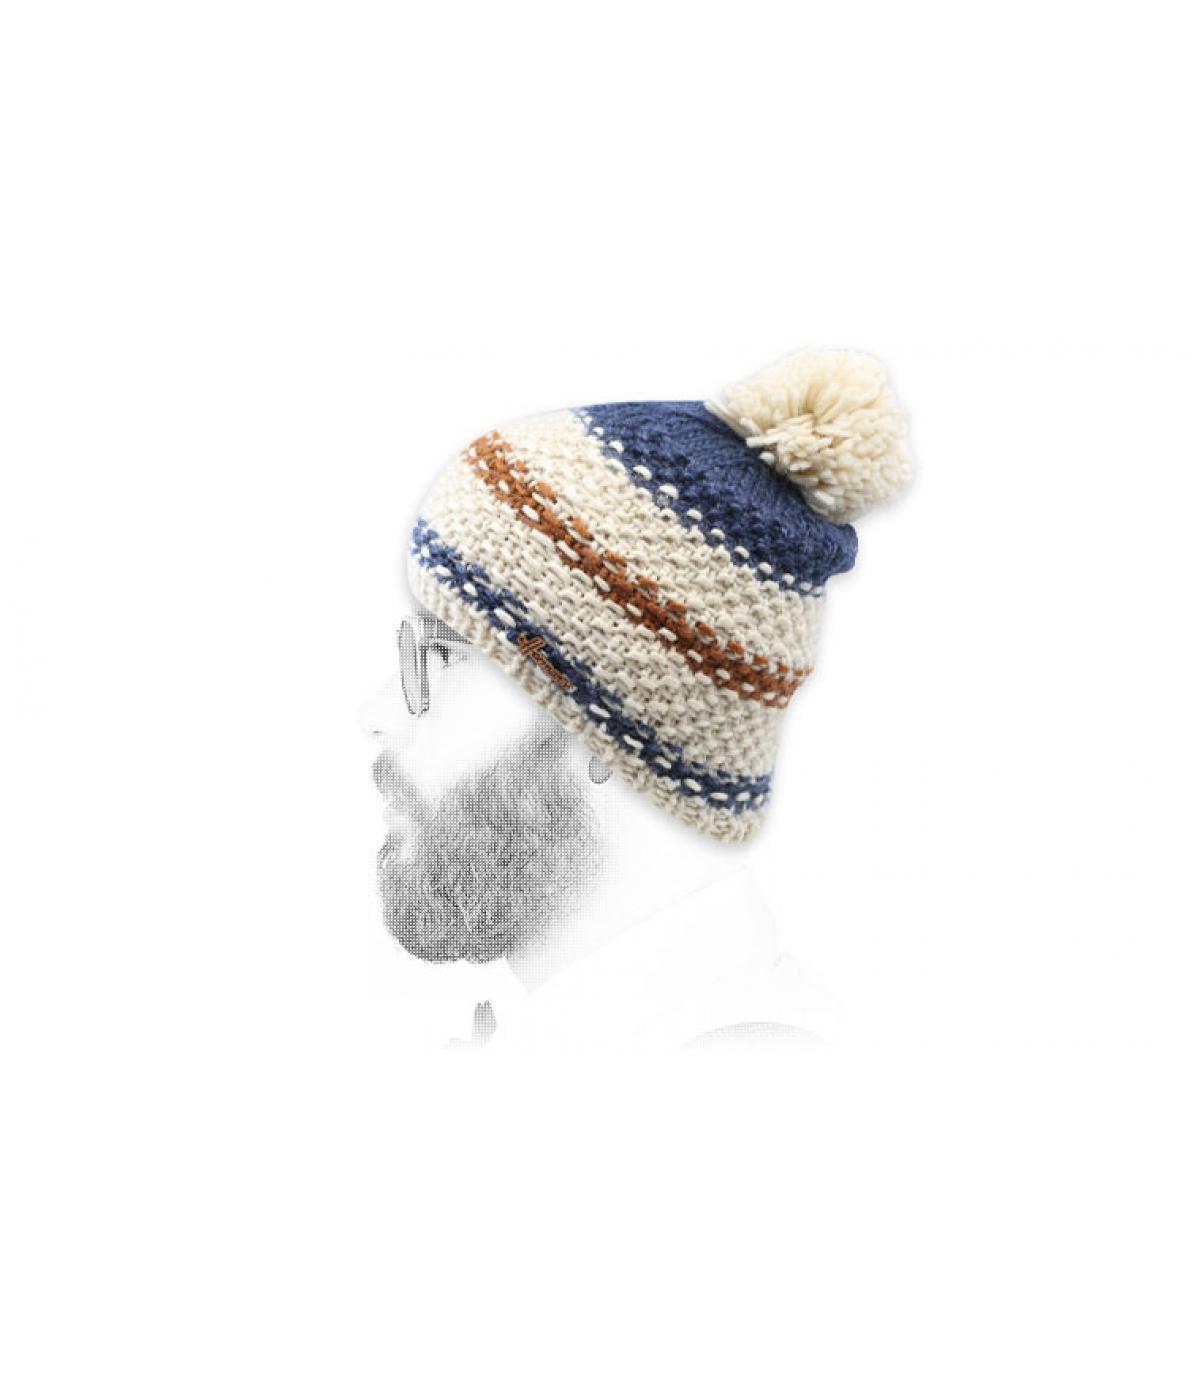 cappello blu con nappe a strisce blu